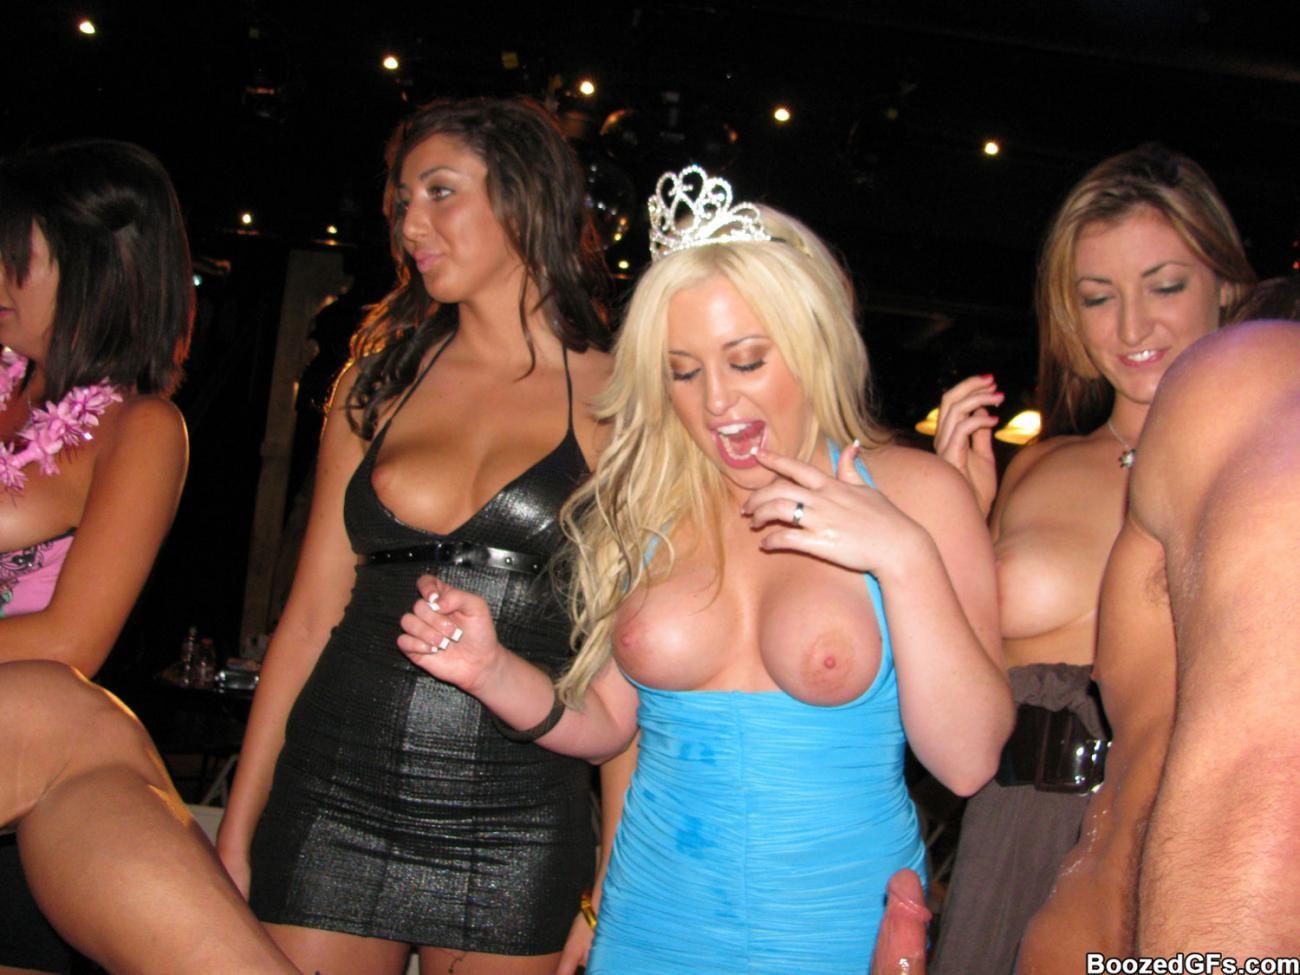 После тусовки молодые красотки развлекаются с парнями и их членами